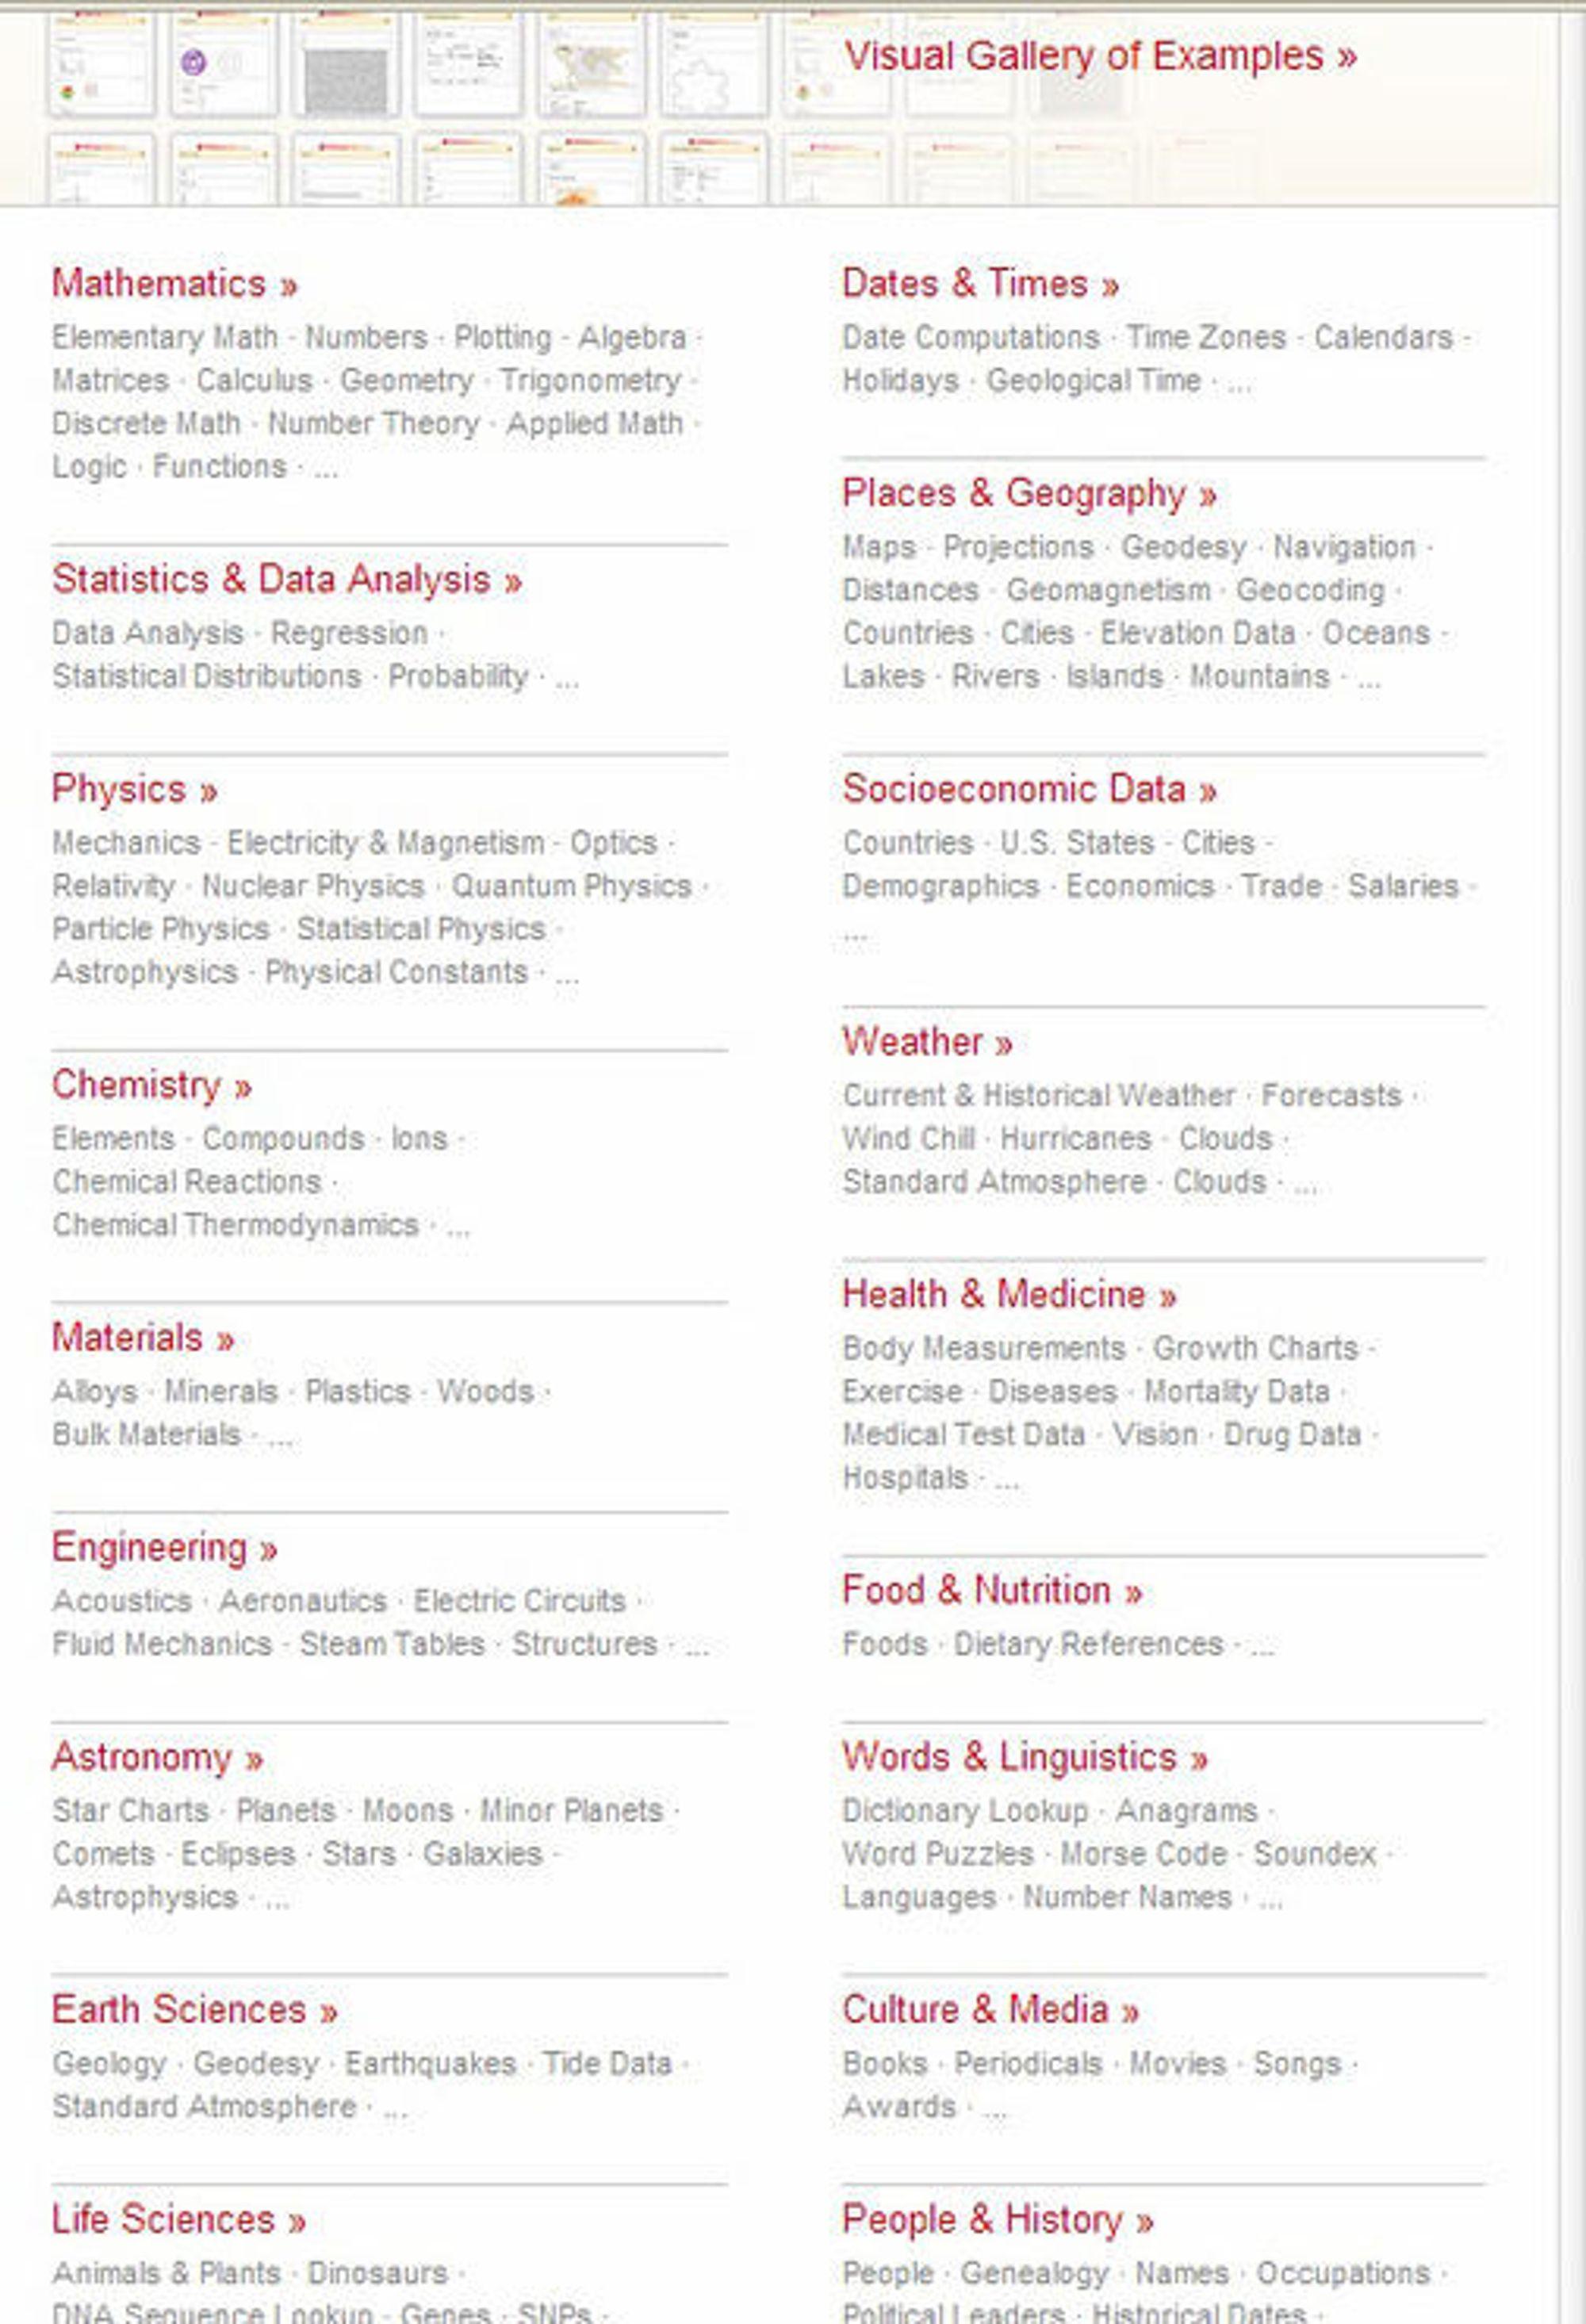 Eksempler på områder som WolframAlpha kan svare på spørsmål om.